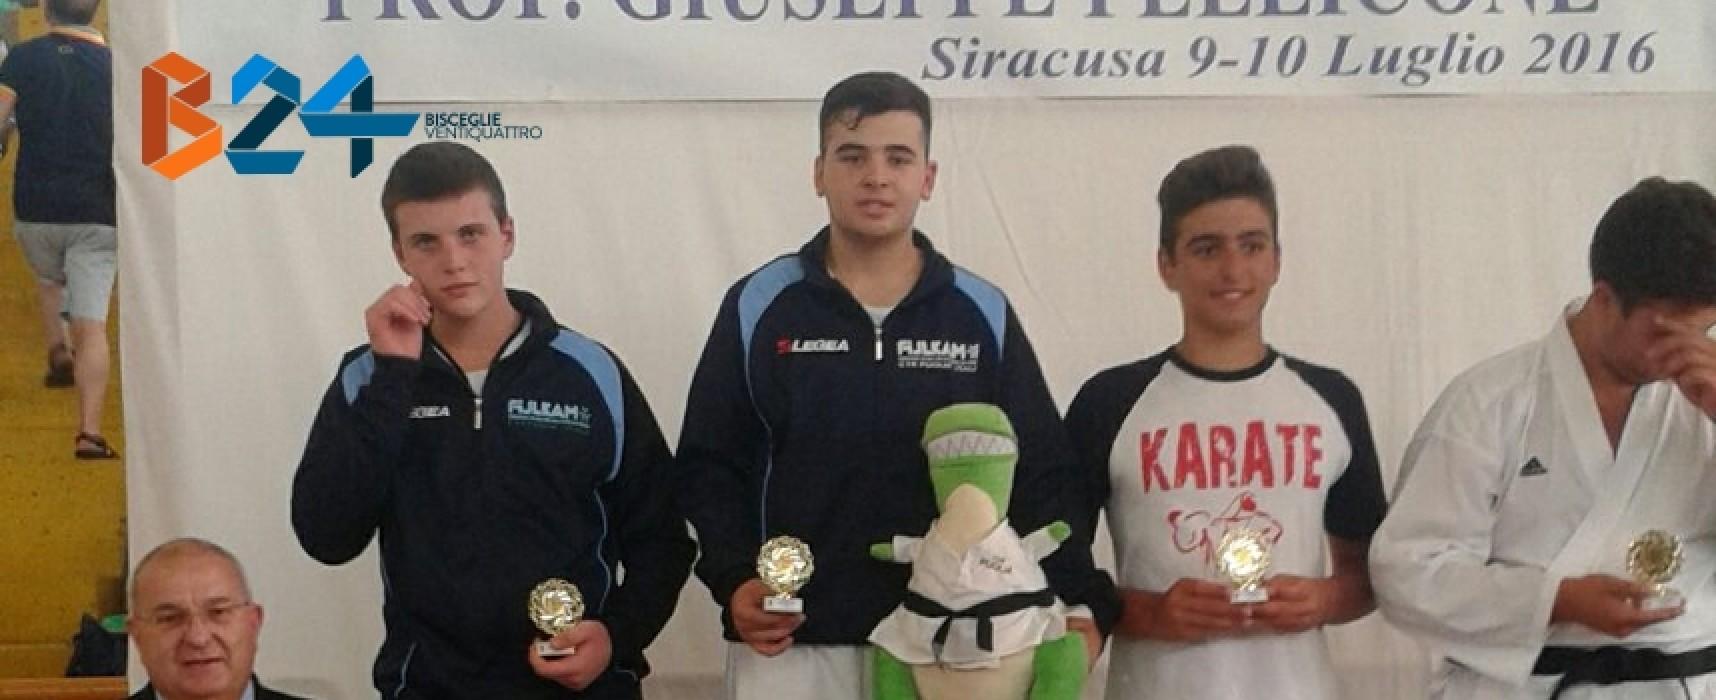 Karate: medaglia d'oro per Fabrizio Papagni all'Open di Siracusa